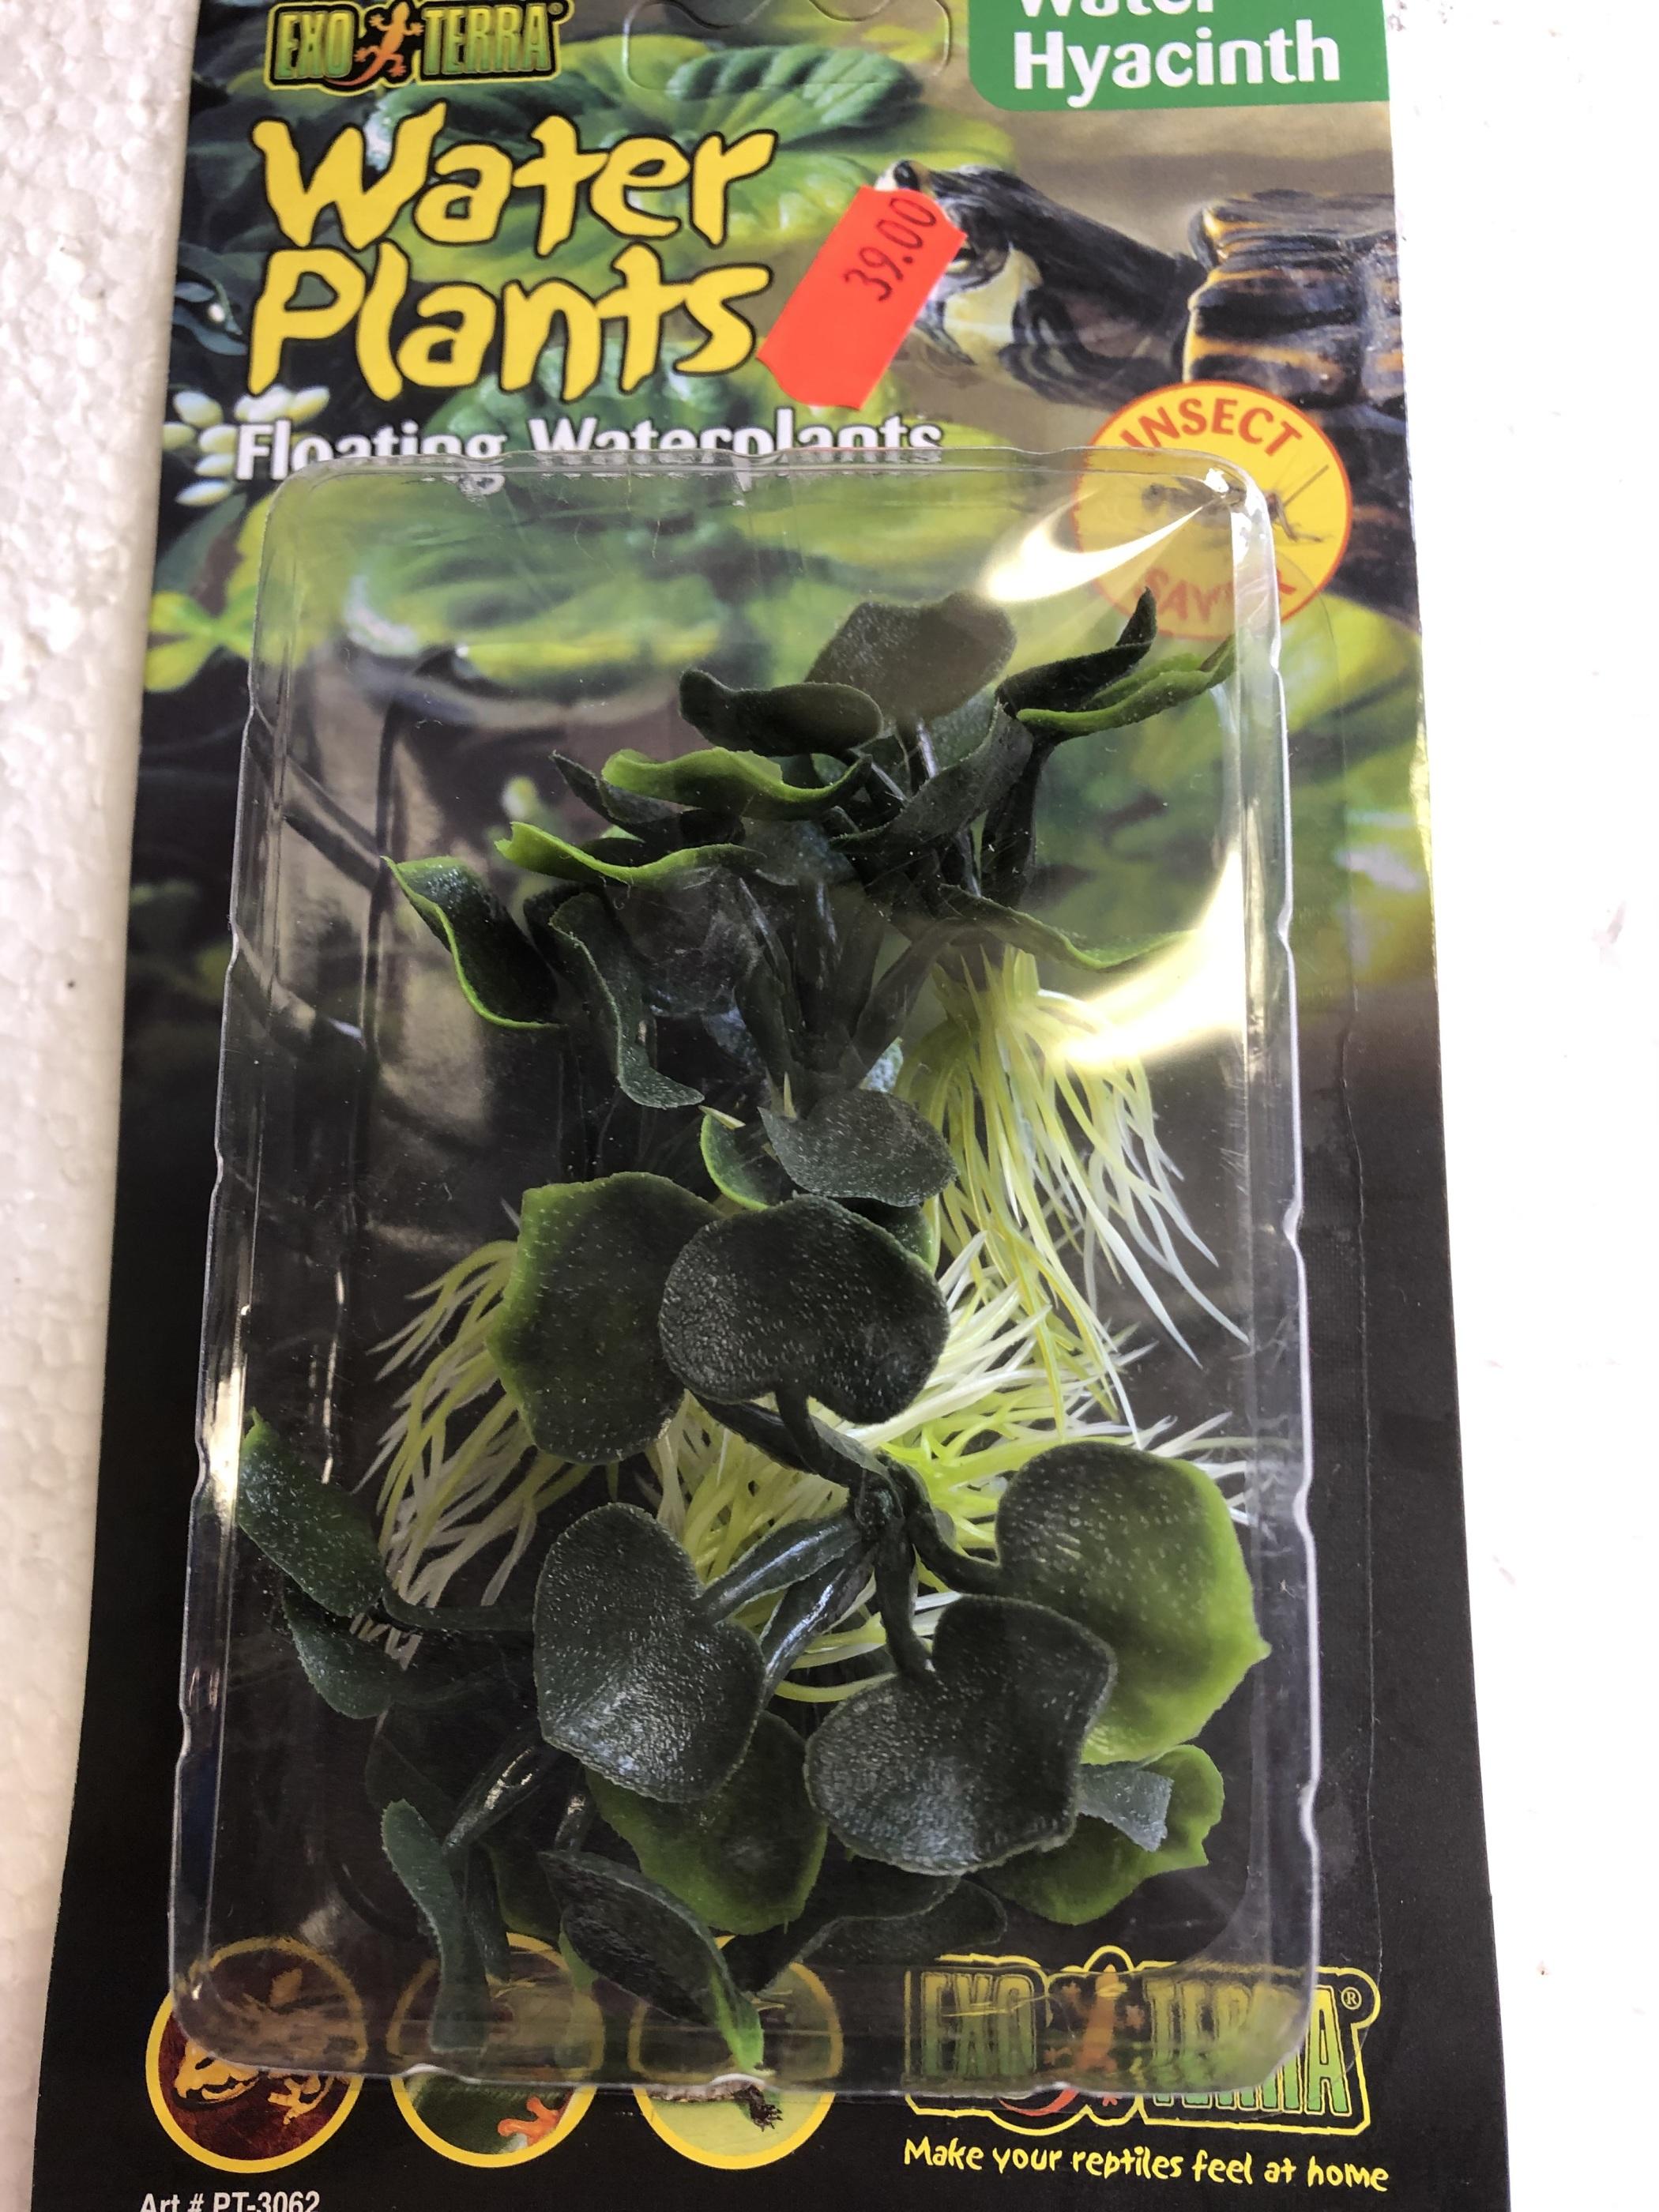 Hyacinth flytväxt